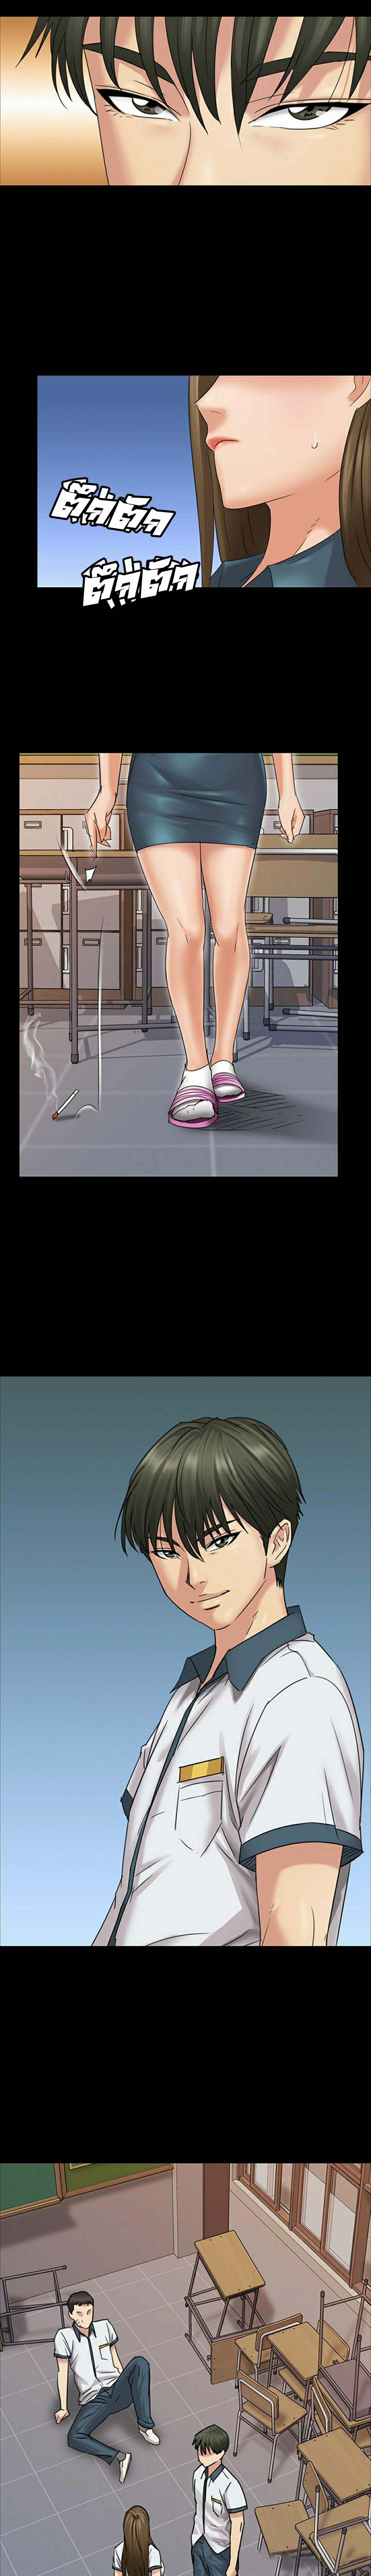 ควีน บี 8 ภาพ 3